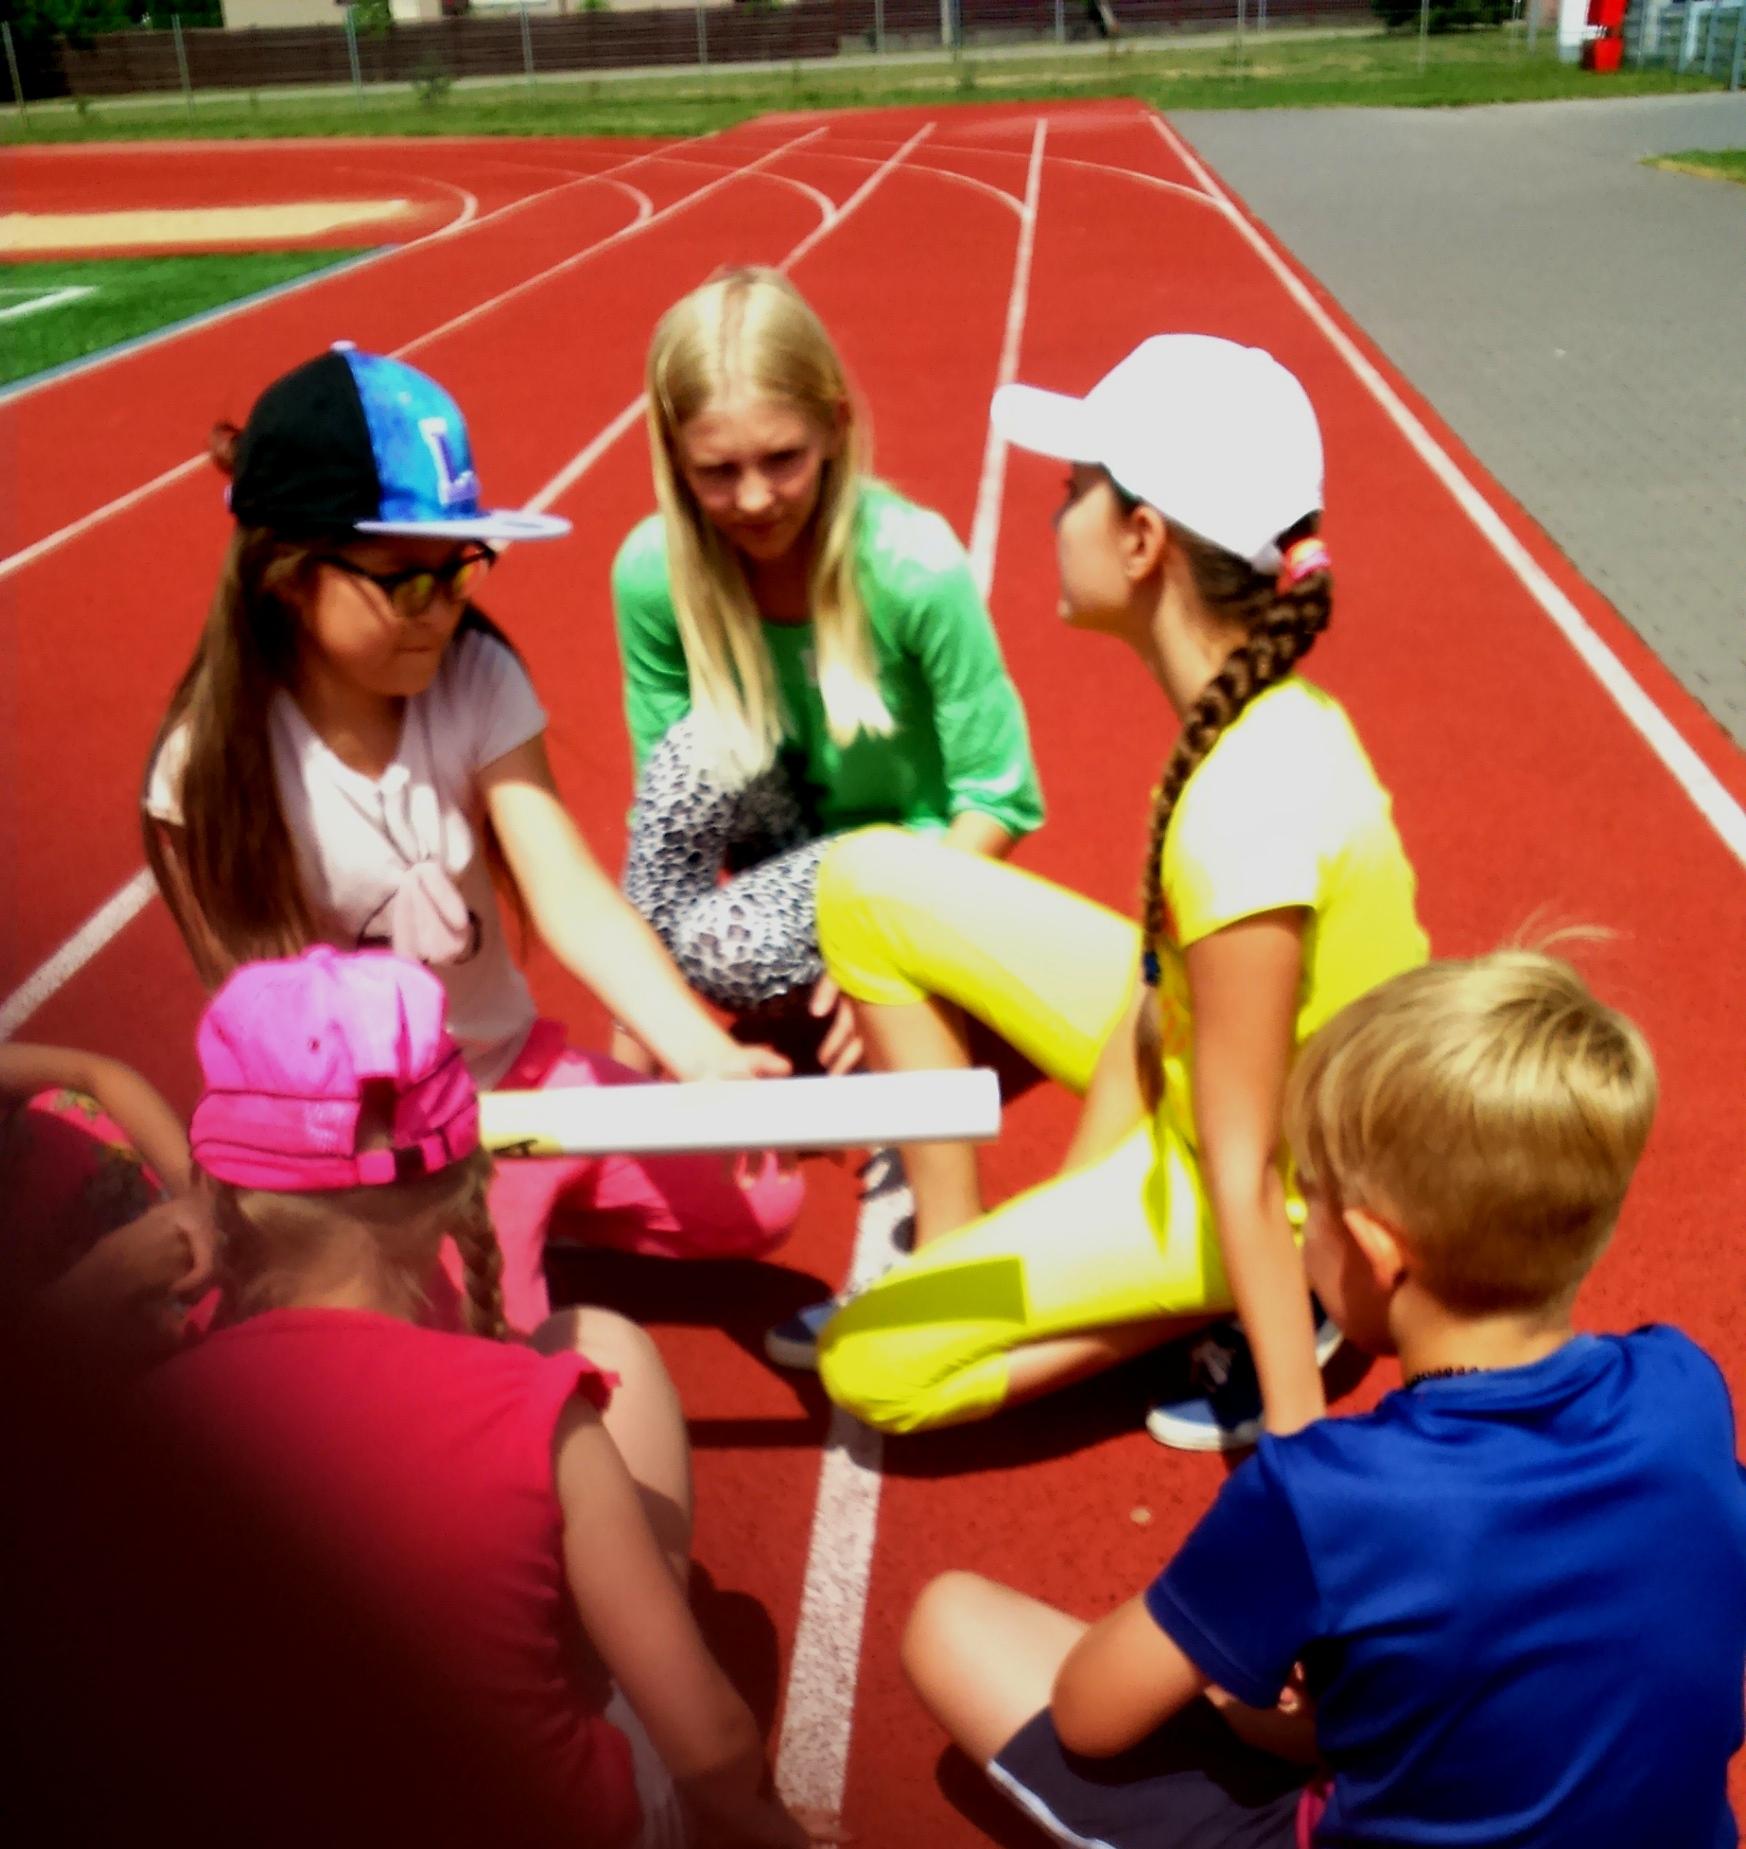 O kaip darbą komandoje supranta vaikai?